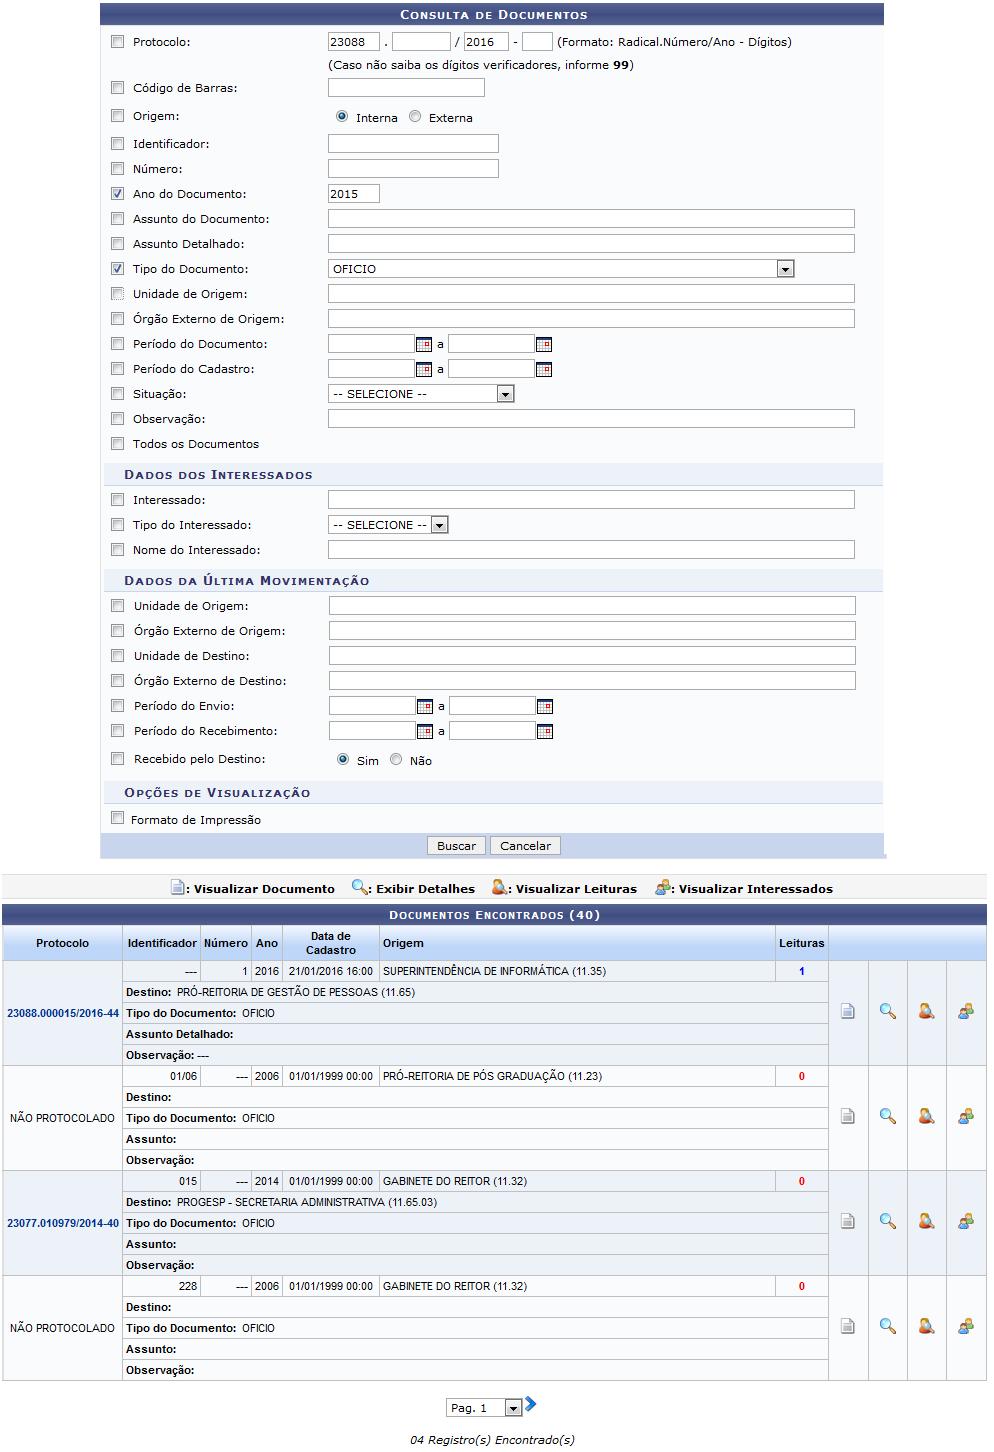 Figura 2: Consulta de Documentos; Documentos Encontrados